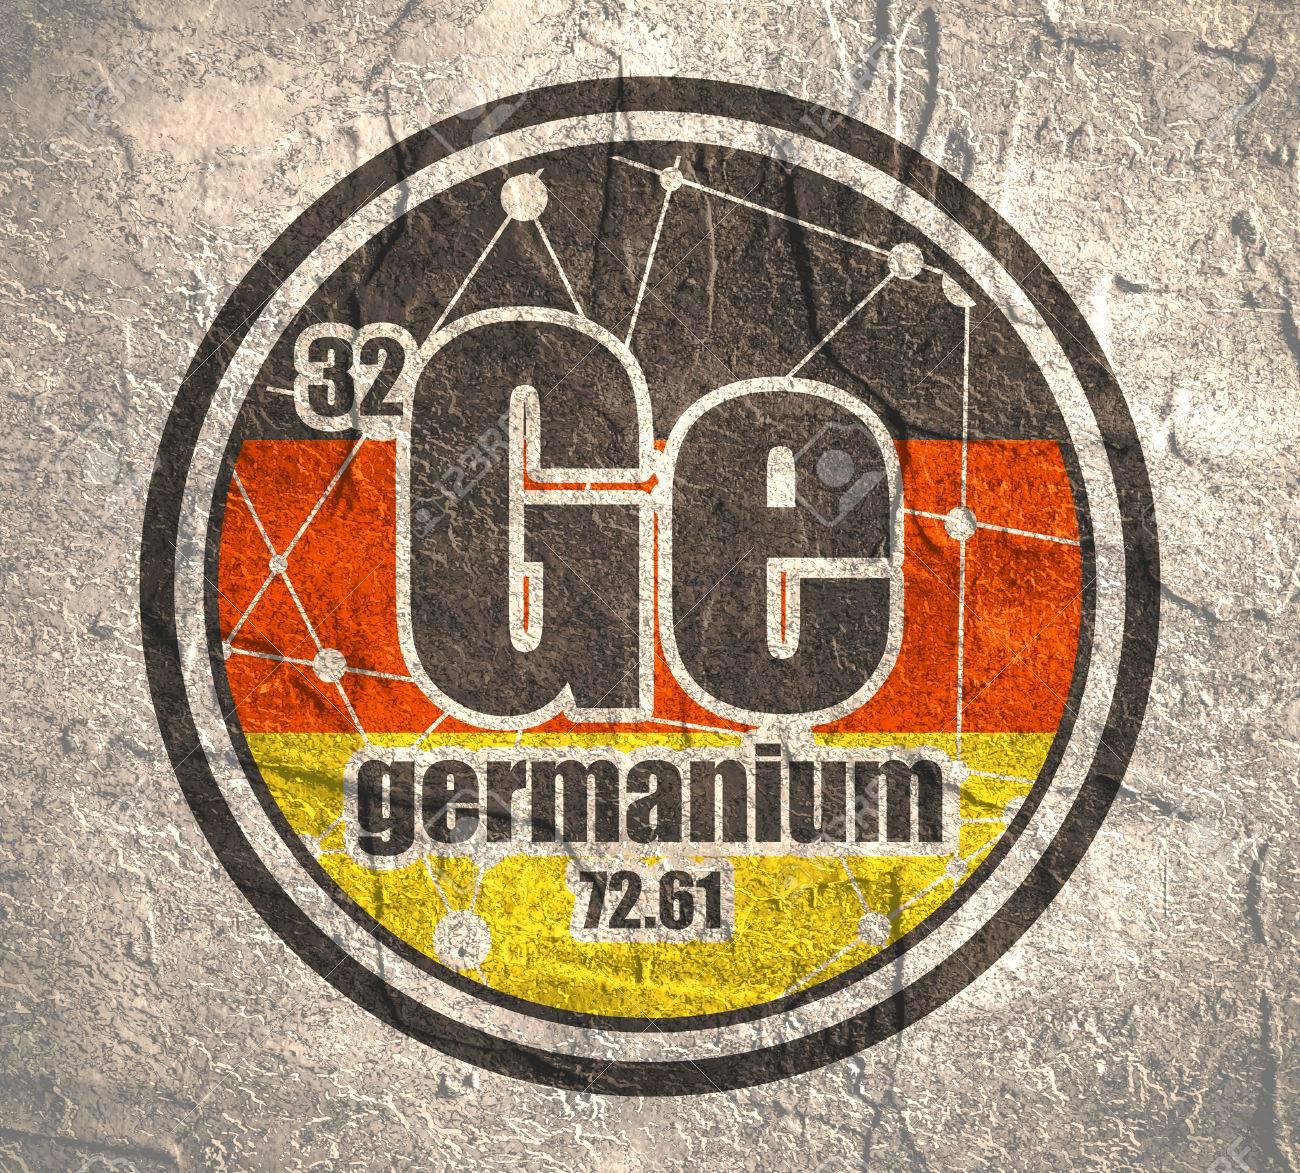 Elemento qumico del germanio signo con el nmero atmico y el peso elemento qumico del germanio signo con el nmero atmico y el peso atmico elemento urtaz Gallery